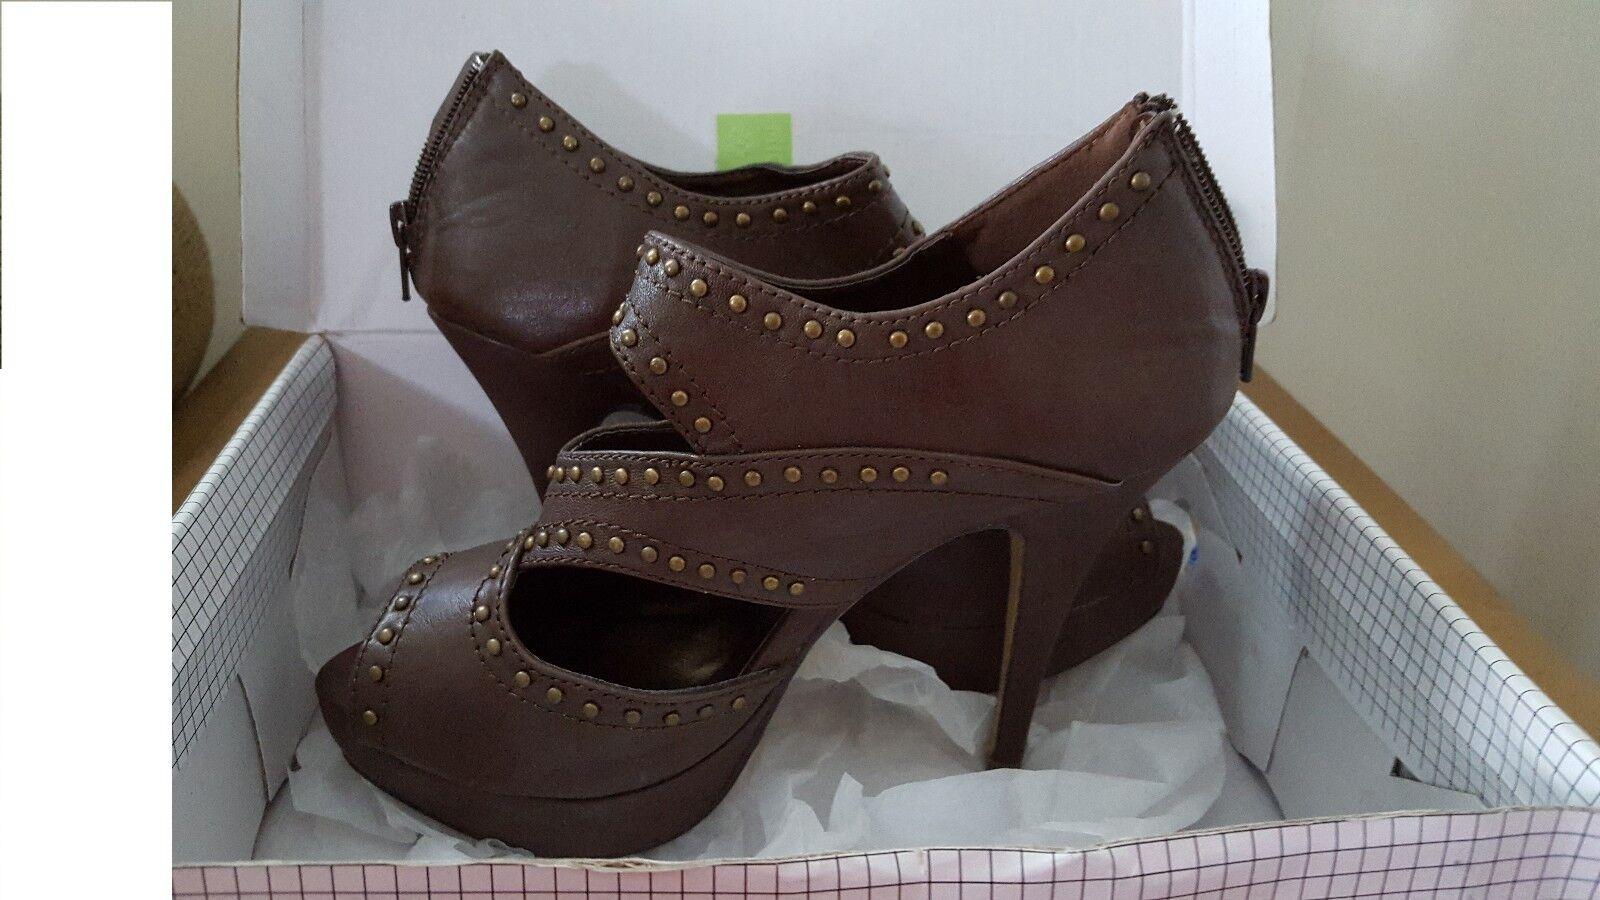 MISS ME schuhe Größe 8.5 braun stilettos studded Stiefelies NEW box Rock & roll style